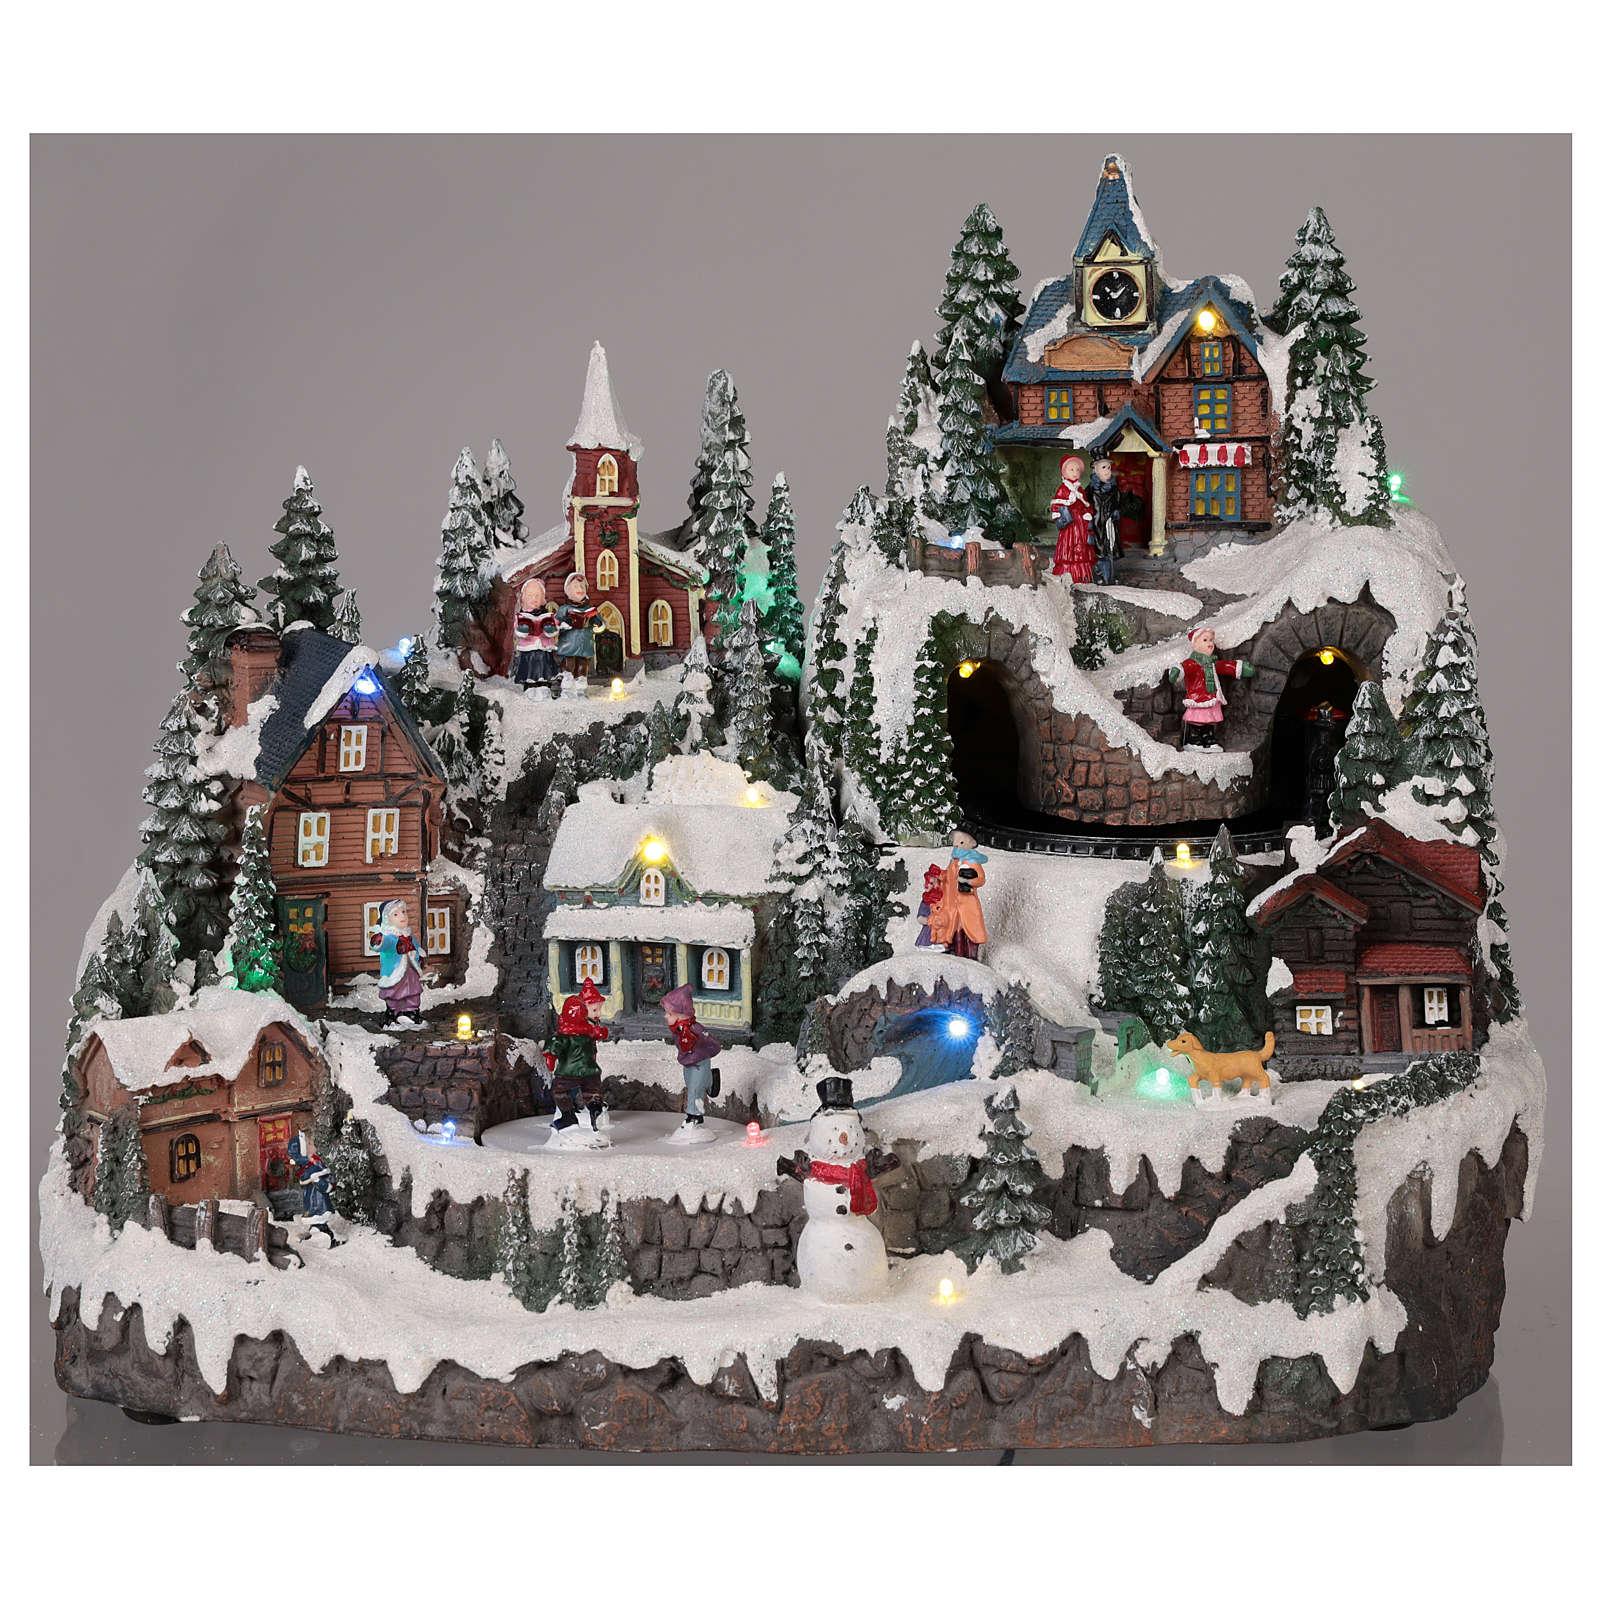 Village Noël piste de patinage manège mouvement lumières musique 40x30x30 cm 3